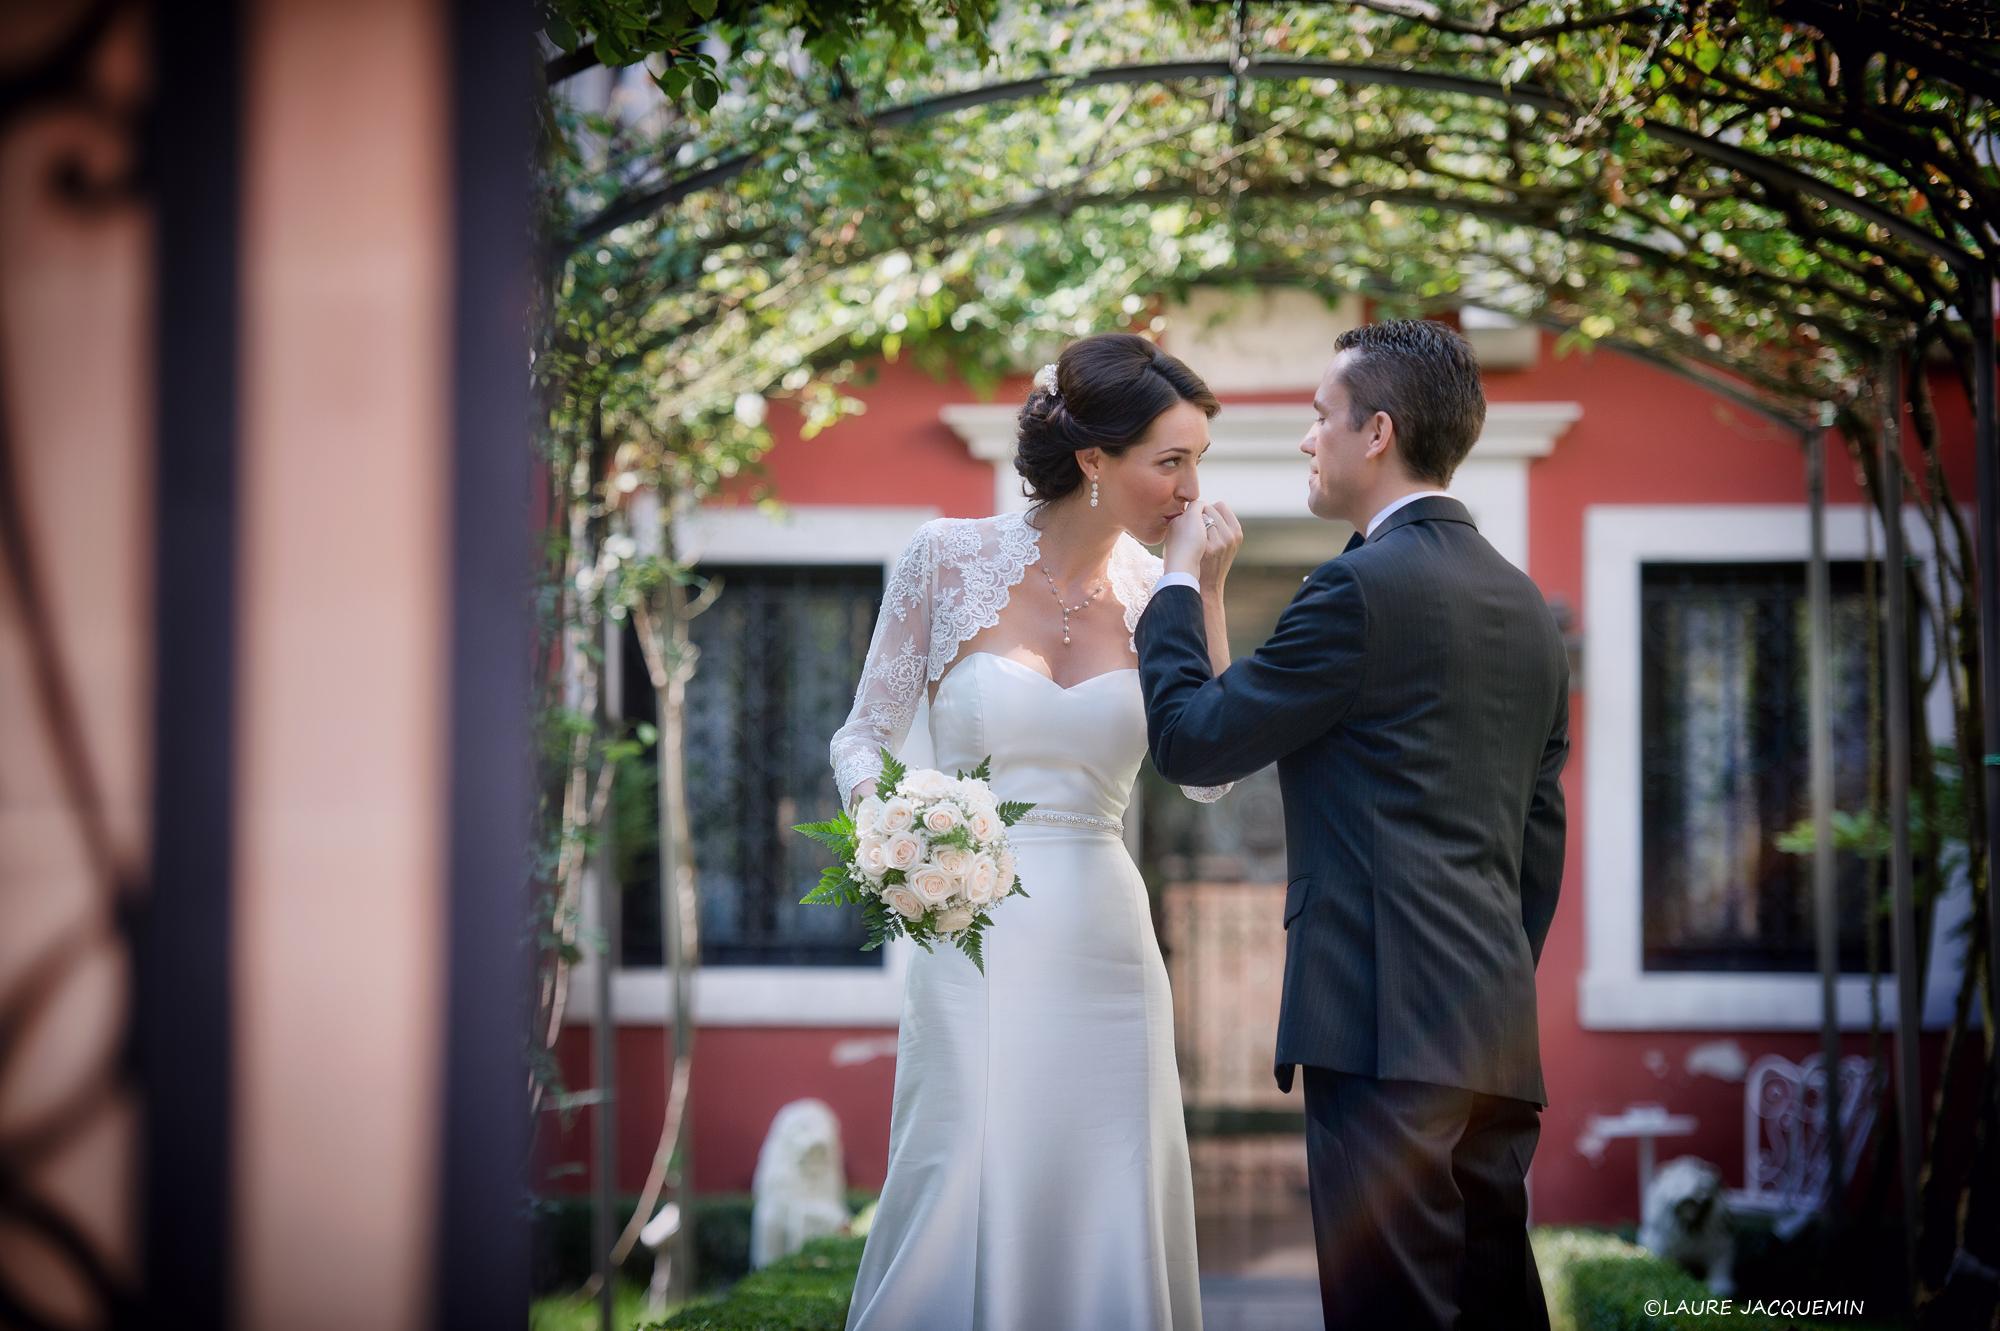 venise mariage photographe laure Jacquemin simbolique jardin venitien gondole (97)